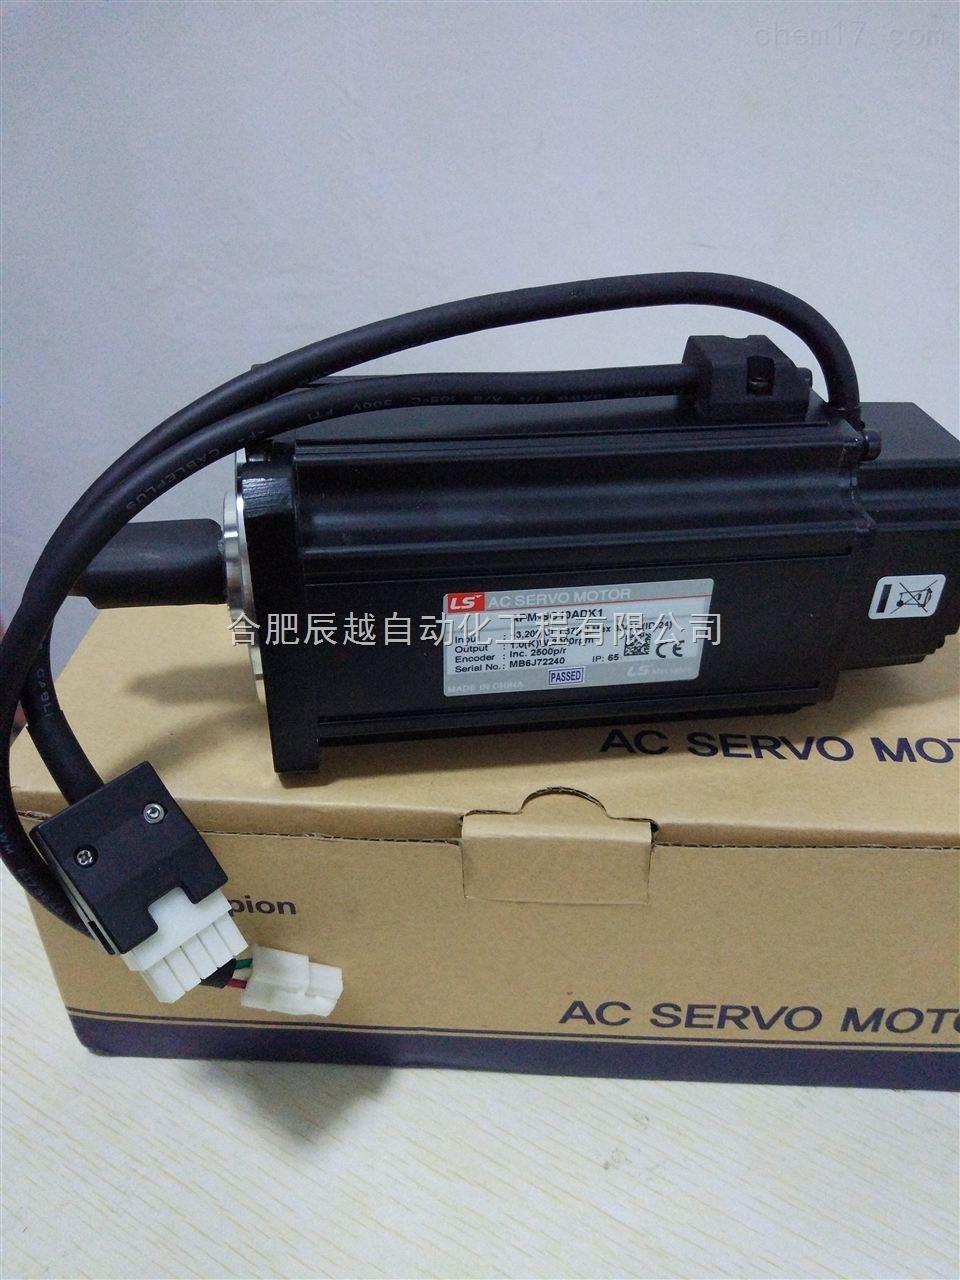 安徽LS产电总代理APM-SC10ADK1韩国LS迈克彼恩Mecapion 伺服电机